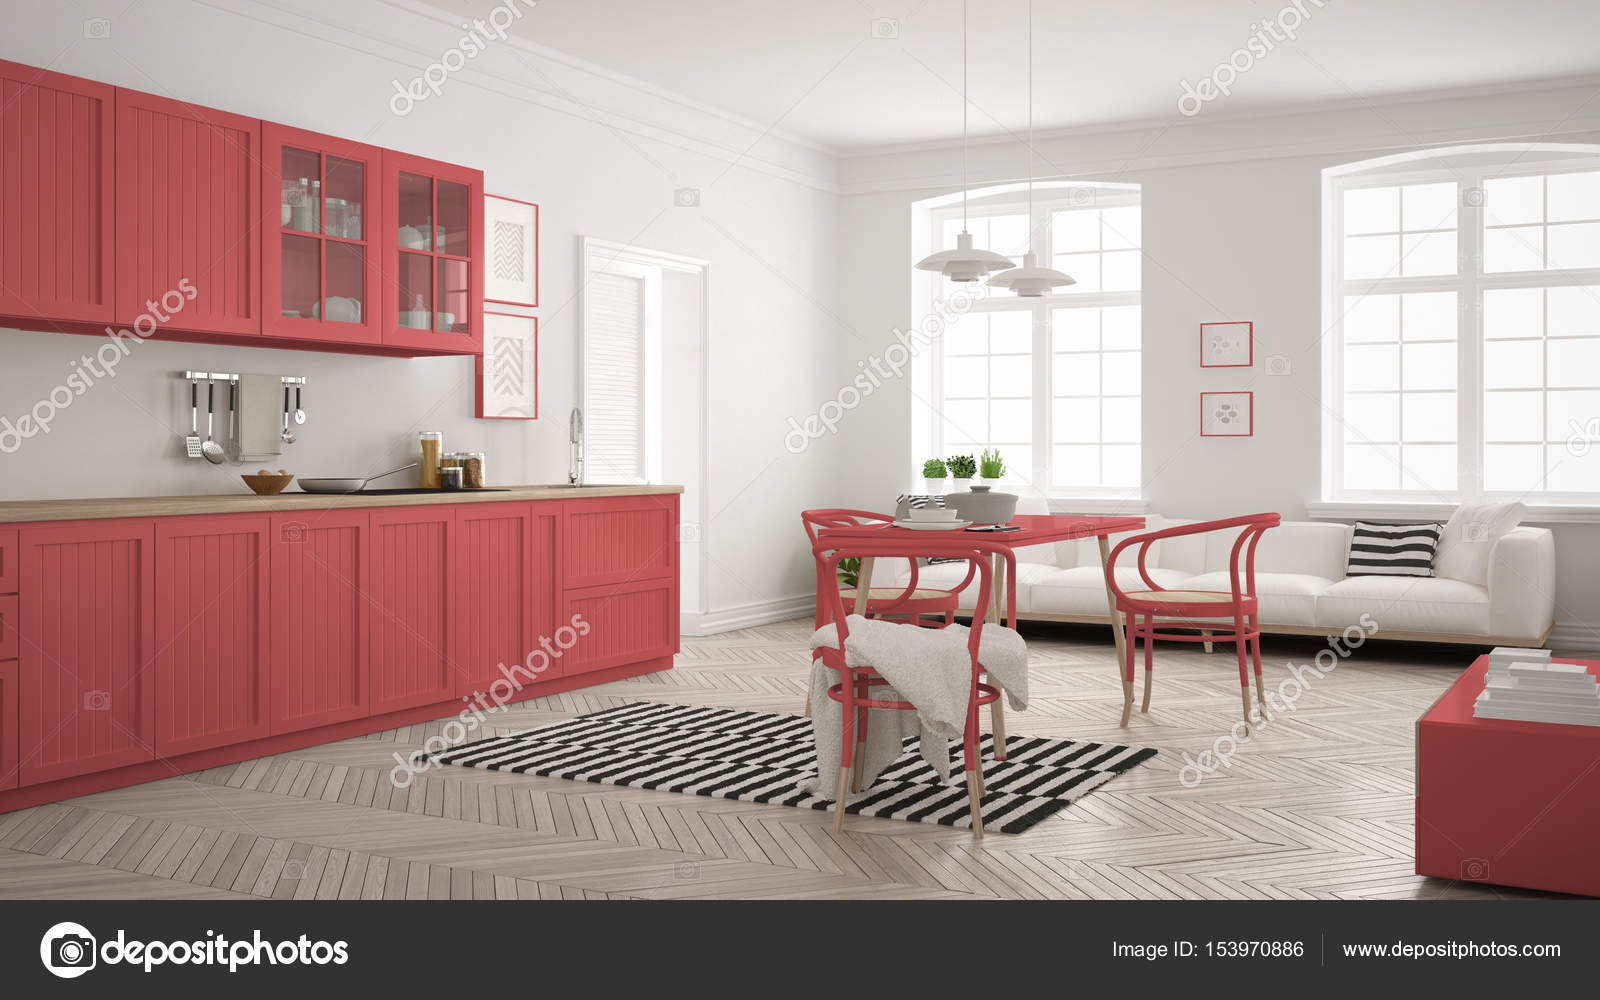 Attraktiv Esstisch Küche Dekoration Von Minimalistische Moderne Küche Mit Und Wohnzimmer, Whi